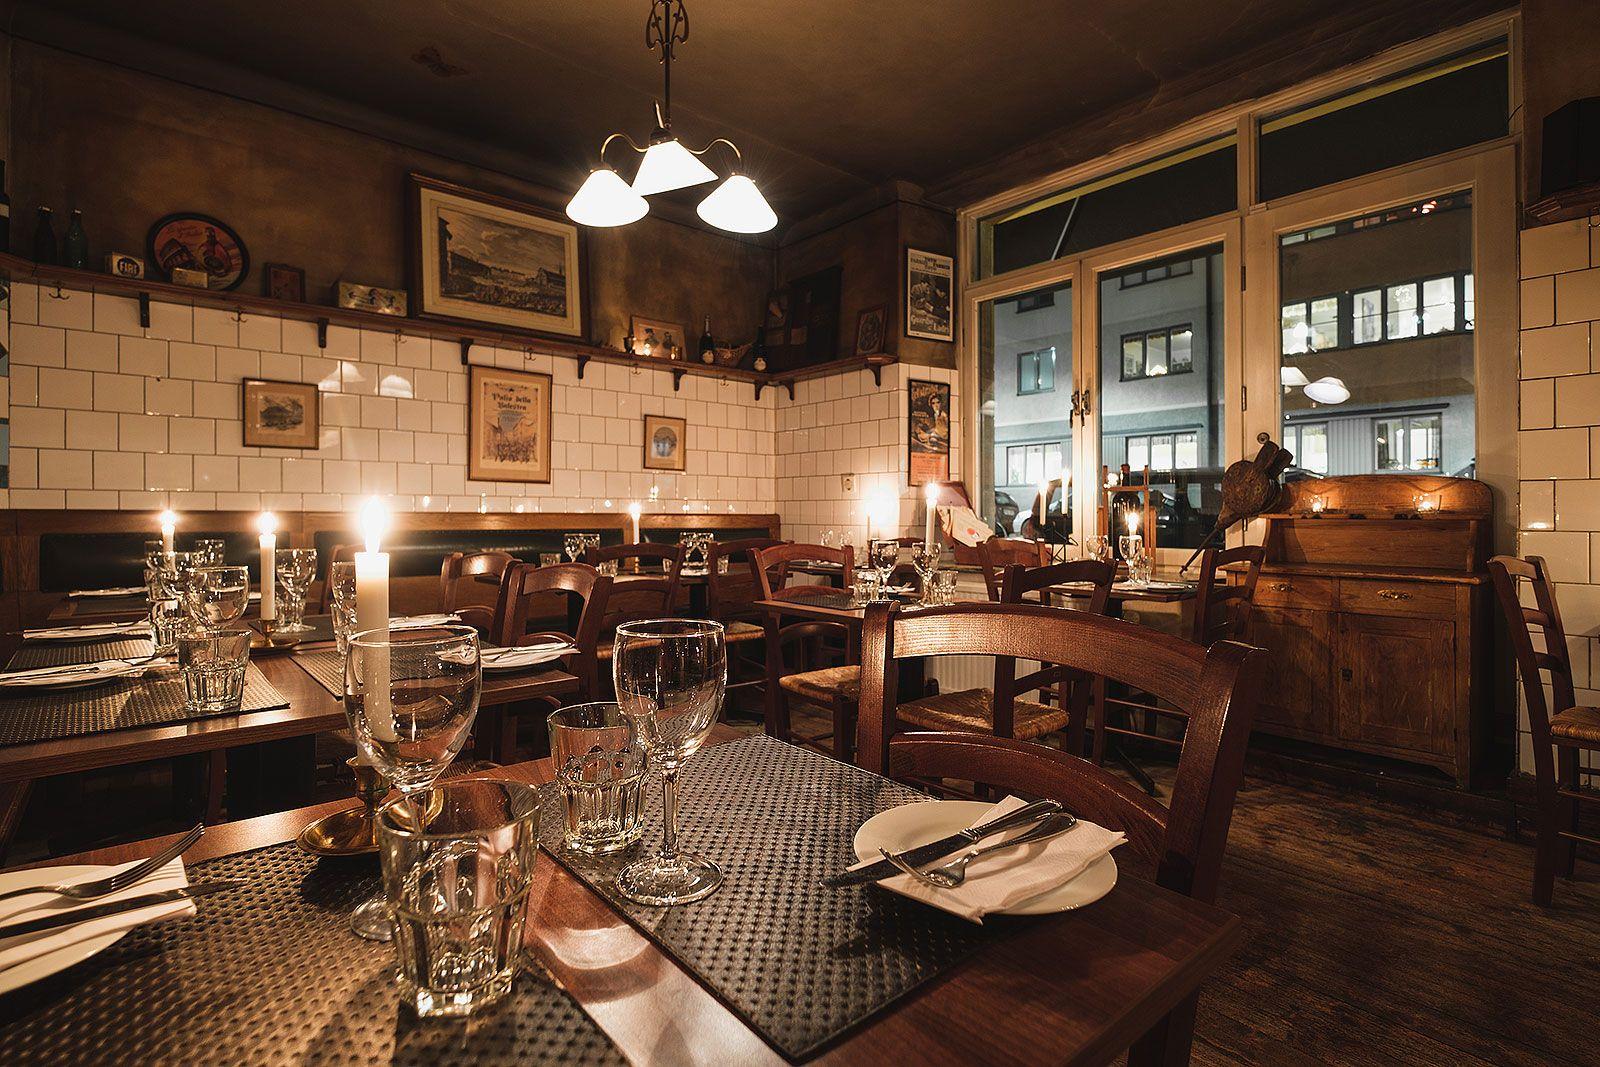 bra italiensk restaurang stockholm